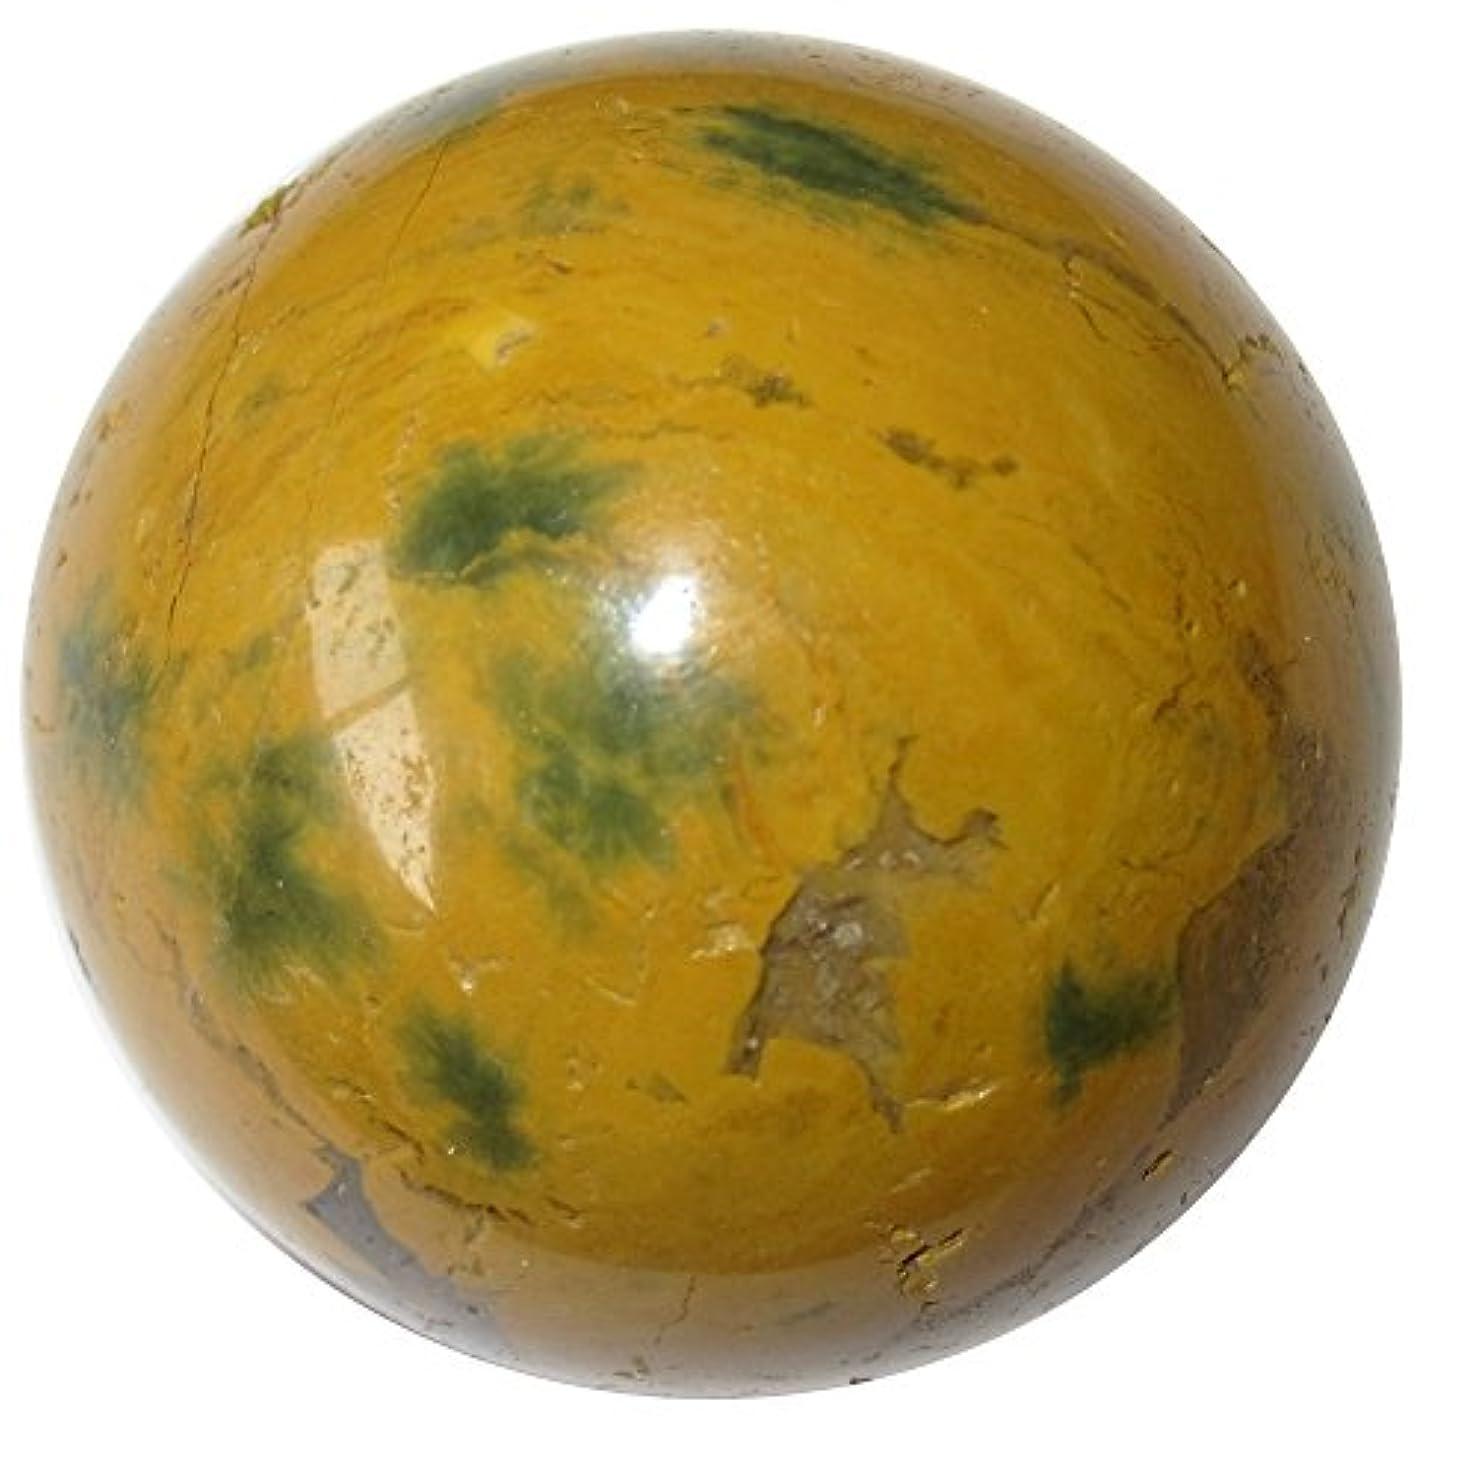 ギャングスターオーガニック利得サテンクリスタルジャスパー海洋ボールプレミアムマダガスカル球水要素エネルギーフローストーンp01 1.6 Inches イエロー jasperoceanball01-mustardgreen-1.6